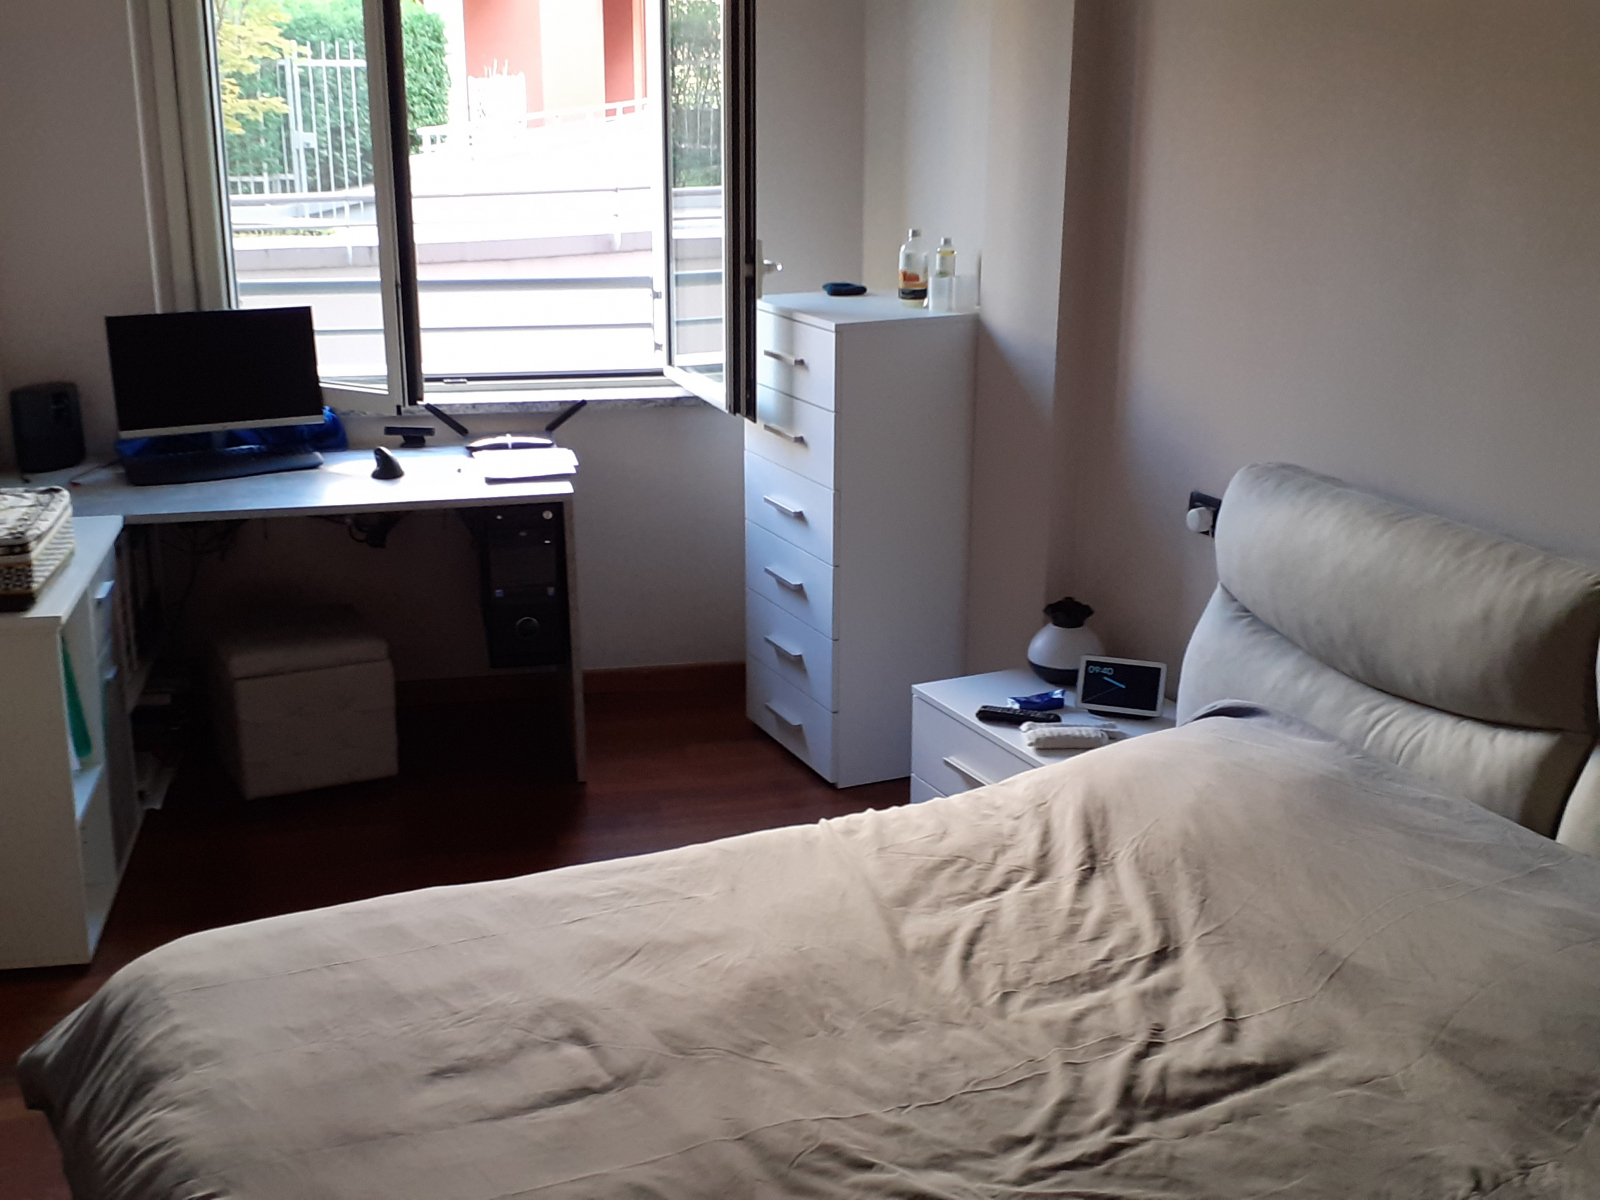 appartamento-in-vendita-a-trezzano-sul-naviglio-milano-2-locali-spaziourbano-immobiliare-vende-2